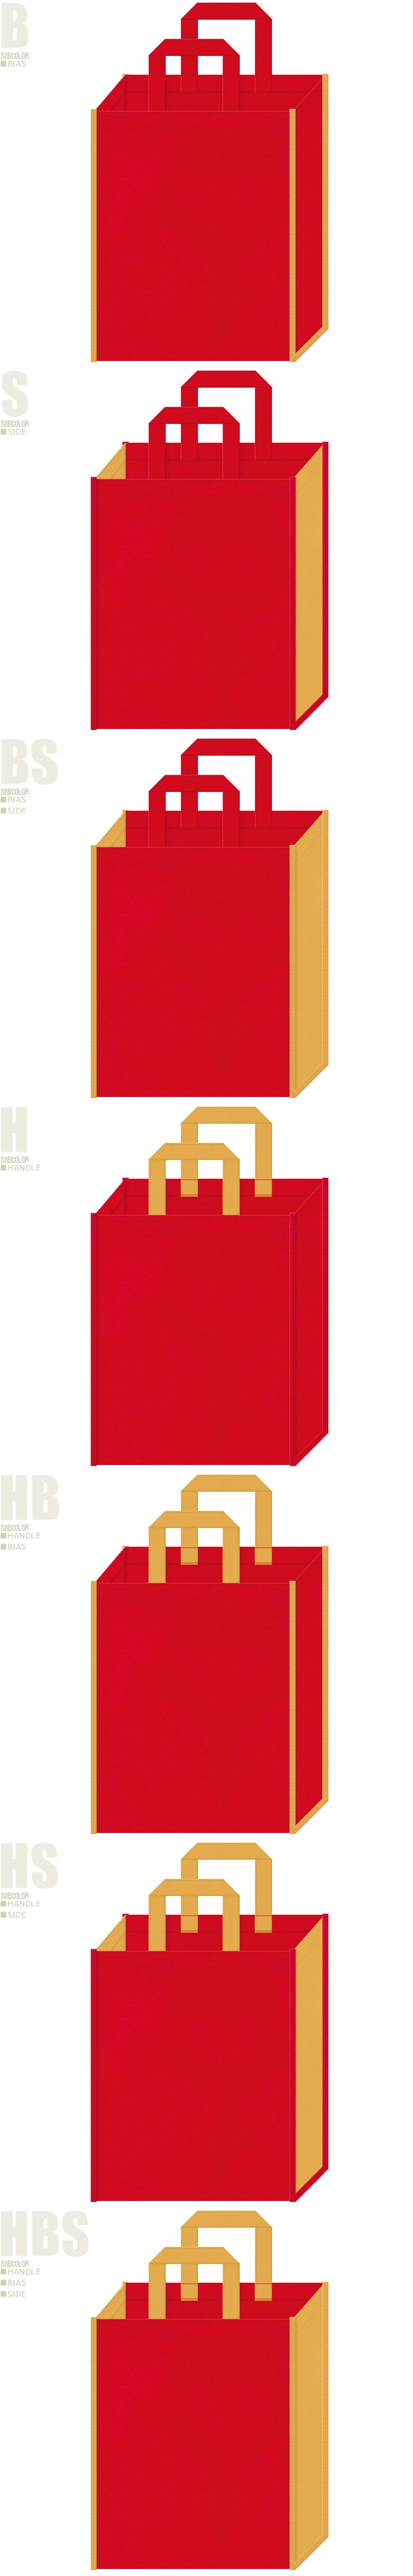 福袋・赤鬼・節分・むかし話・絵本の展示会用バッグにお奨めの不織布バッグデザイン:紅色と黄土色の配色7パターン